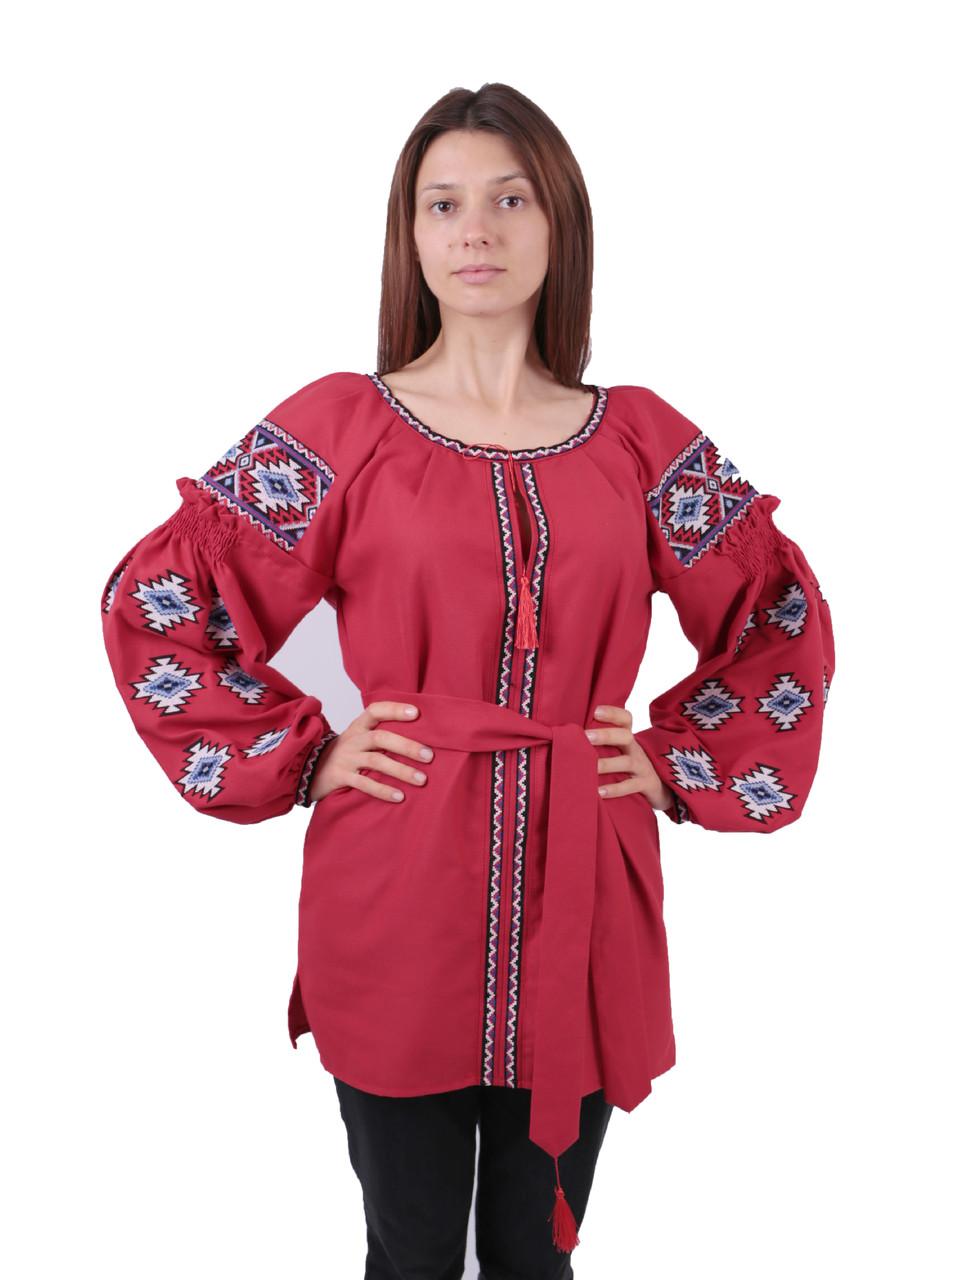 Жіноча вишиванка червоного кольору з машинною вишивкою